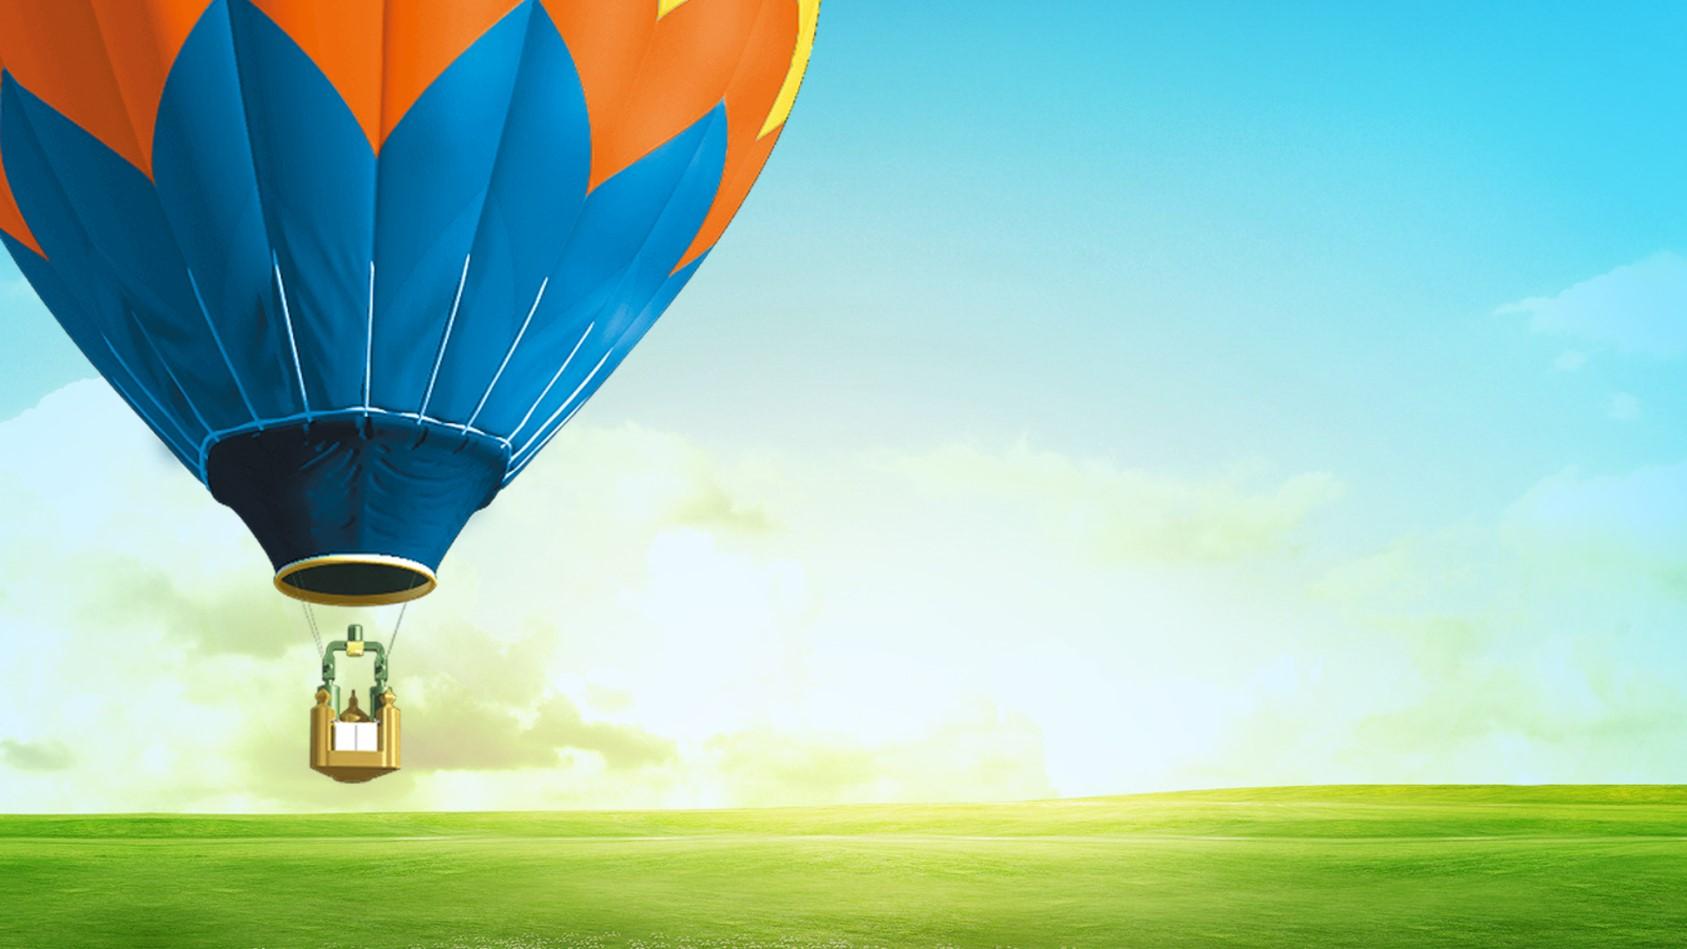 5张天空中的动态热气球PPT背景图片